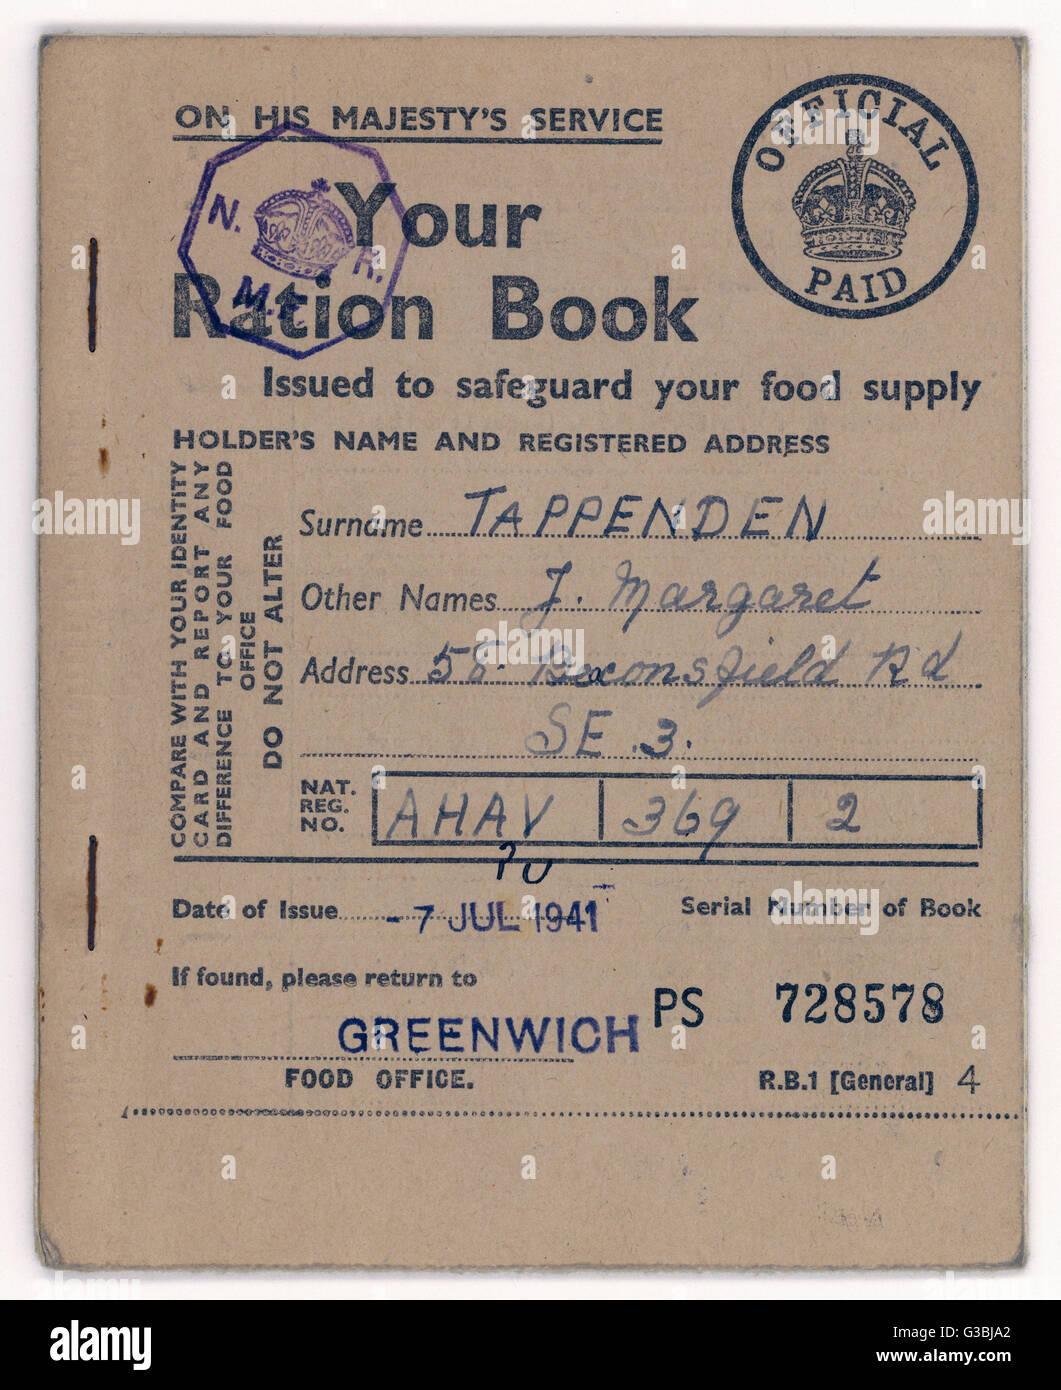 Ein Beispiel für ein Essen Ration Buch Datum: 1941 Stockbild